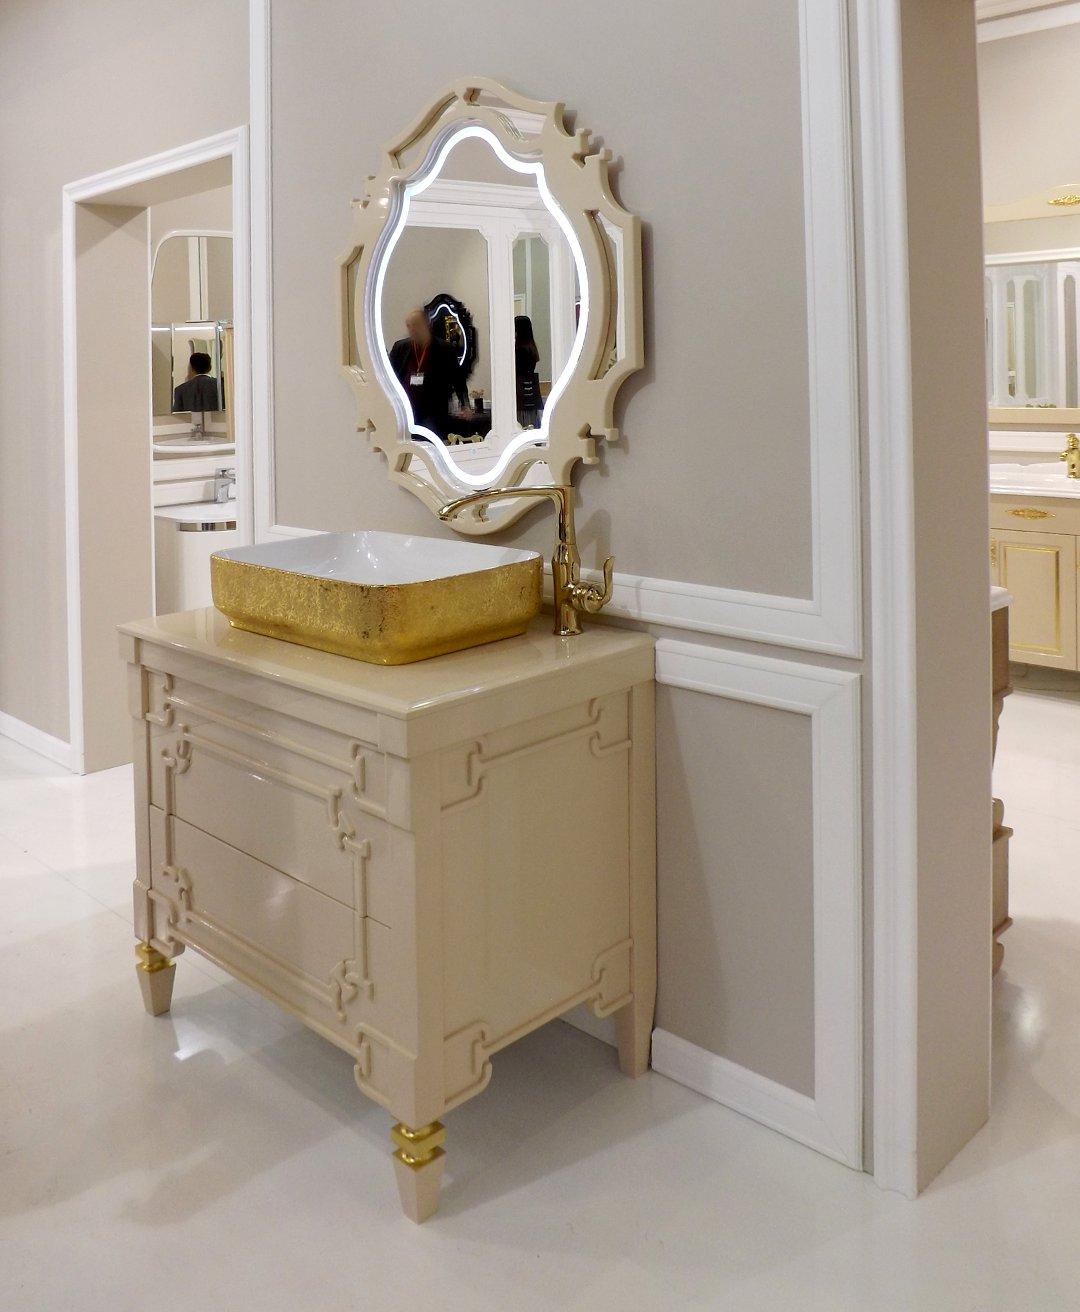 Мебель с раковиной и зеркало с подсветкой для ванной комнаты, представленные на выставке MosBuild 2017 в Москве. Вариант В